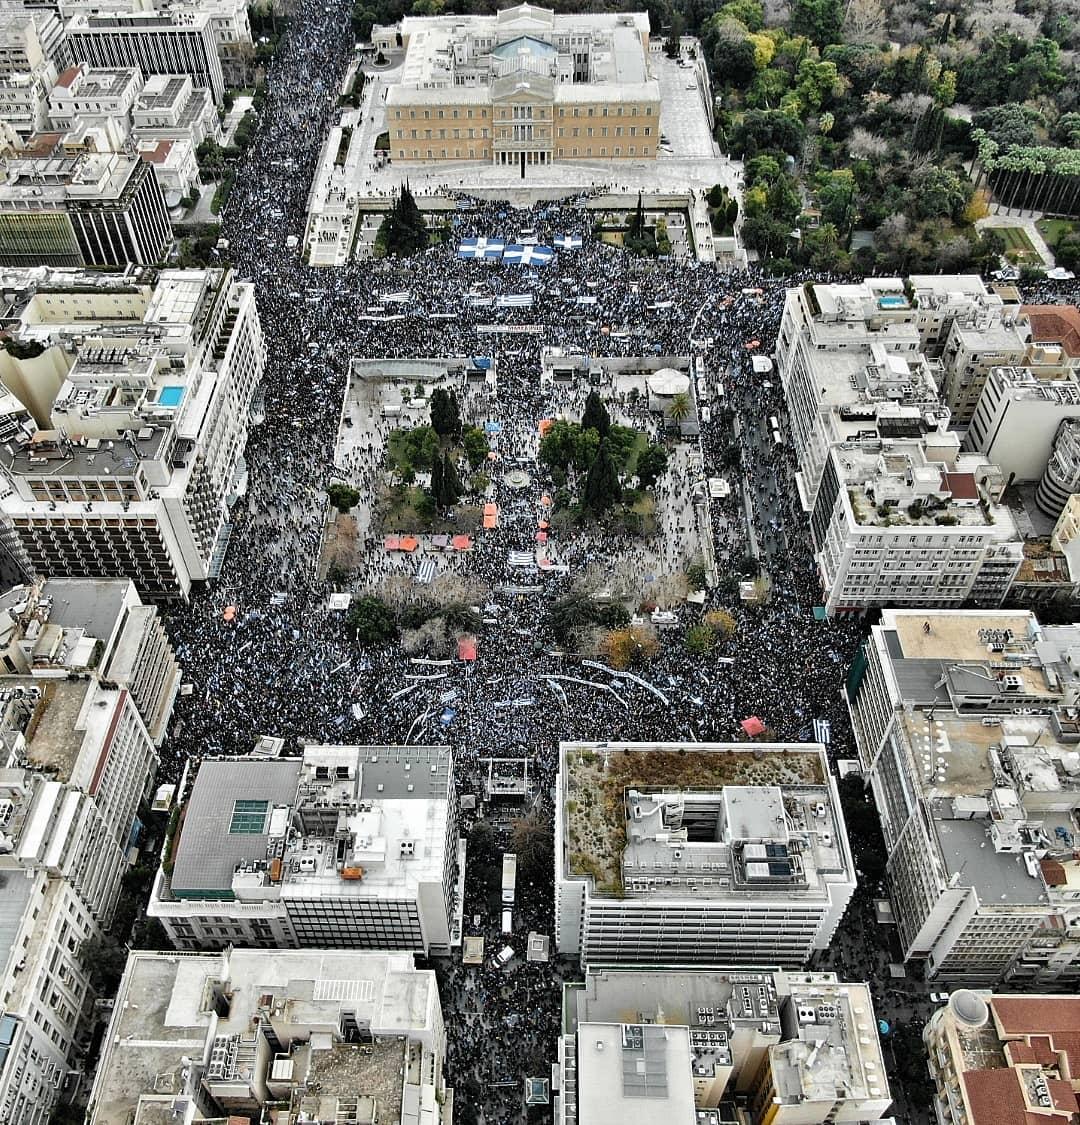 希臘6萬民眾上街抗議政府與馬其頓的更改國名協議,群眾將雅典街頭擠得水洩不通。圖:翻攝Captain推特